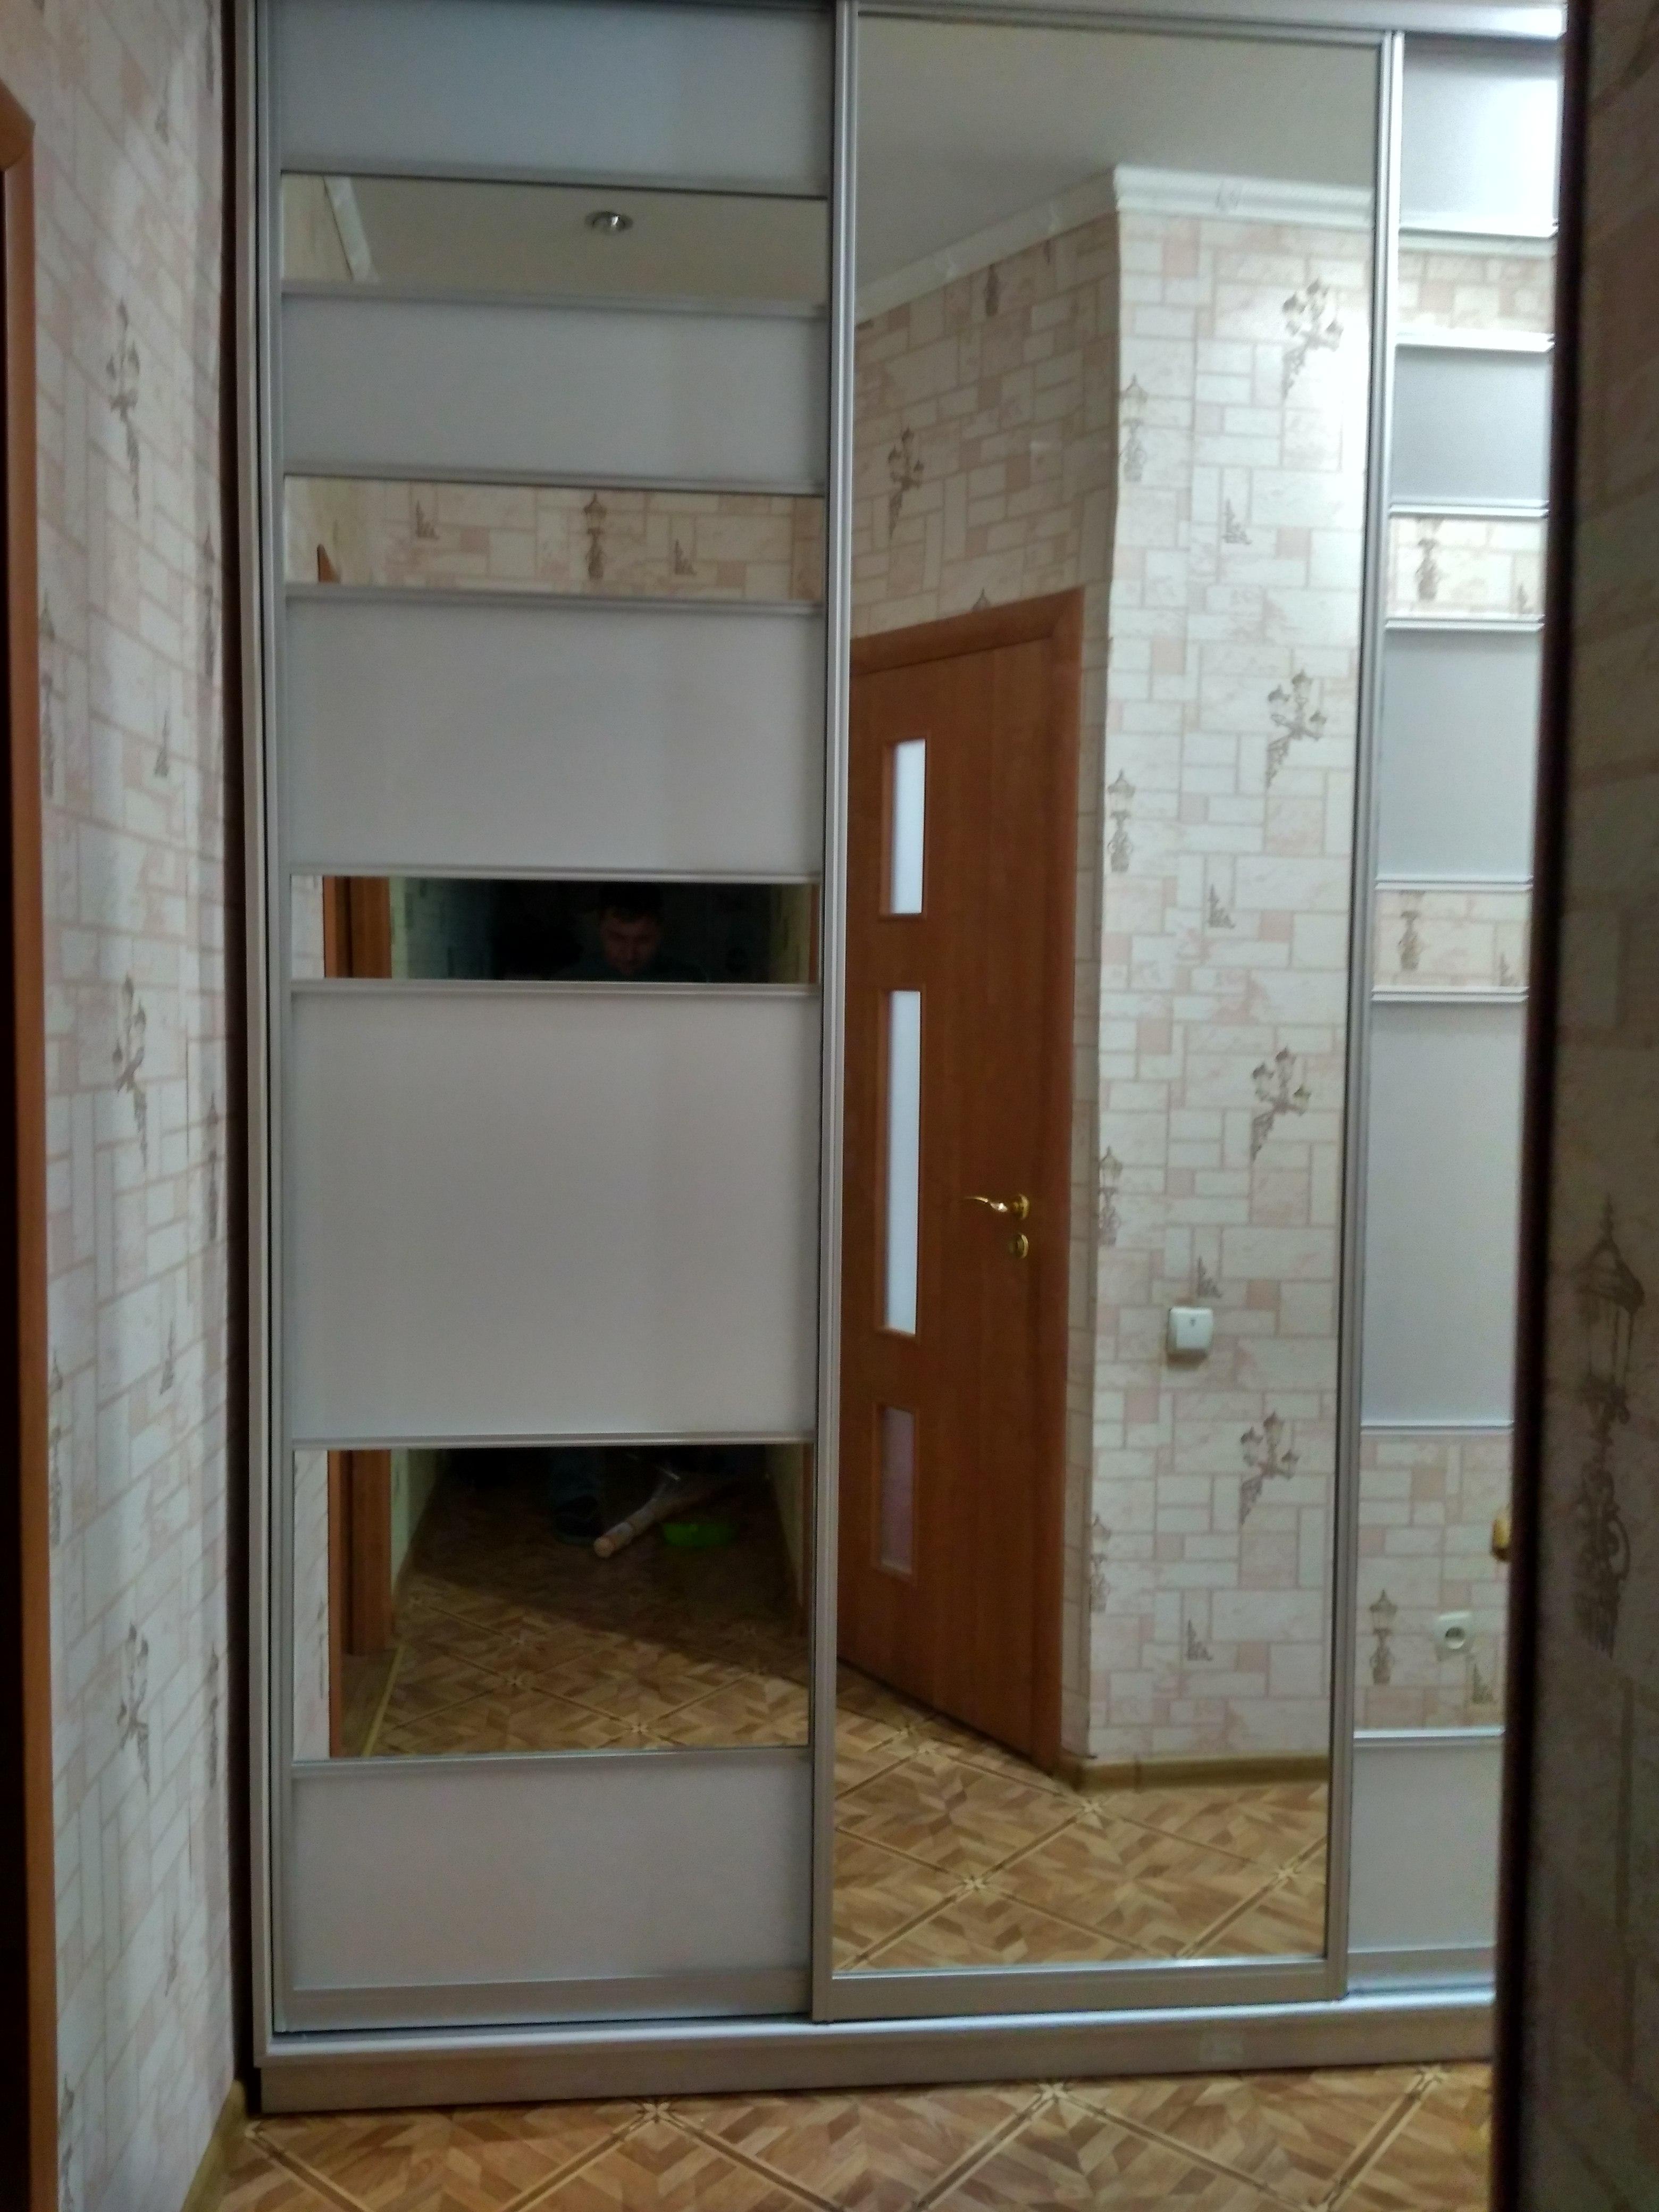 Фото Изготовили шкаф с нуля, проект, выбор материала, запуск в производство. Срок изготовления ориентировочно 3-4 недели.